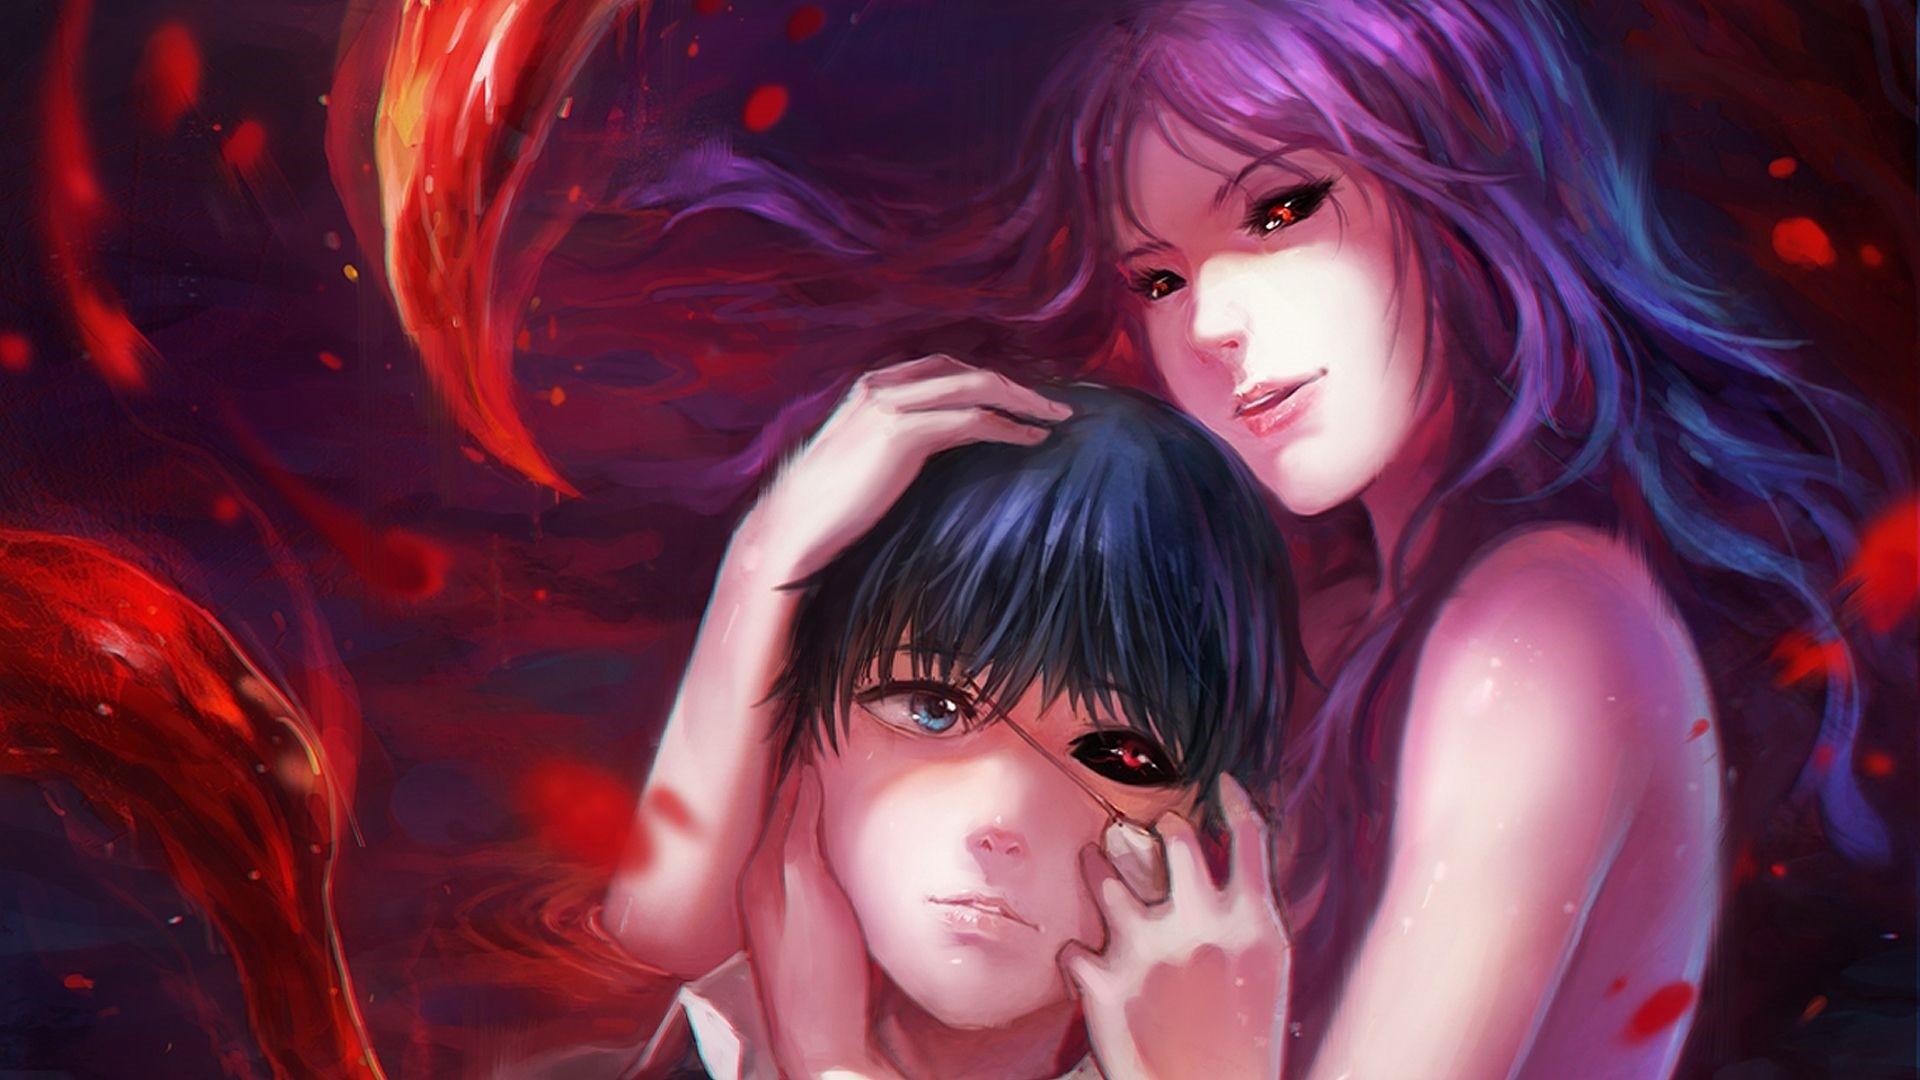 Anime Fanart Wallpaper Picture hd